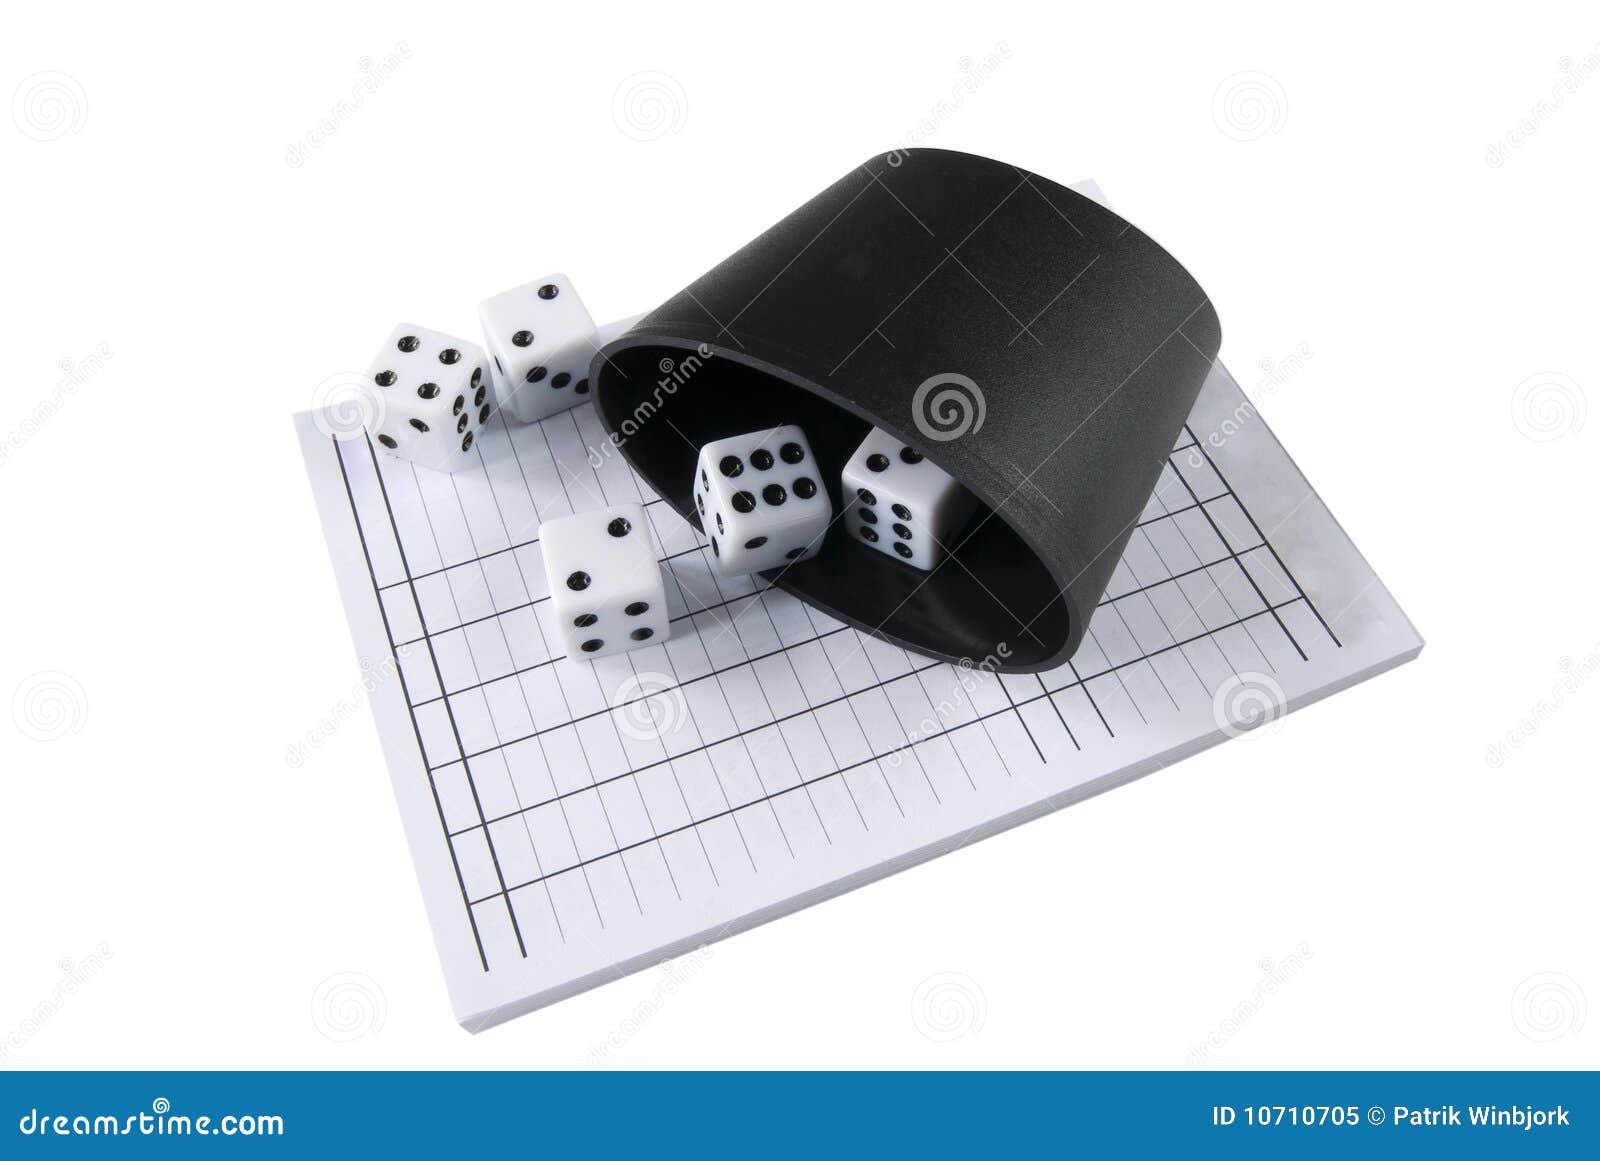 Casino free gambling game online